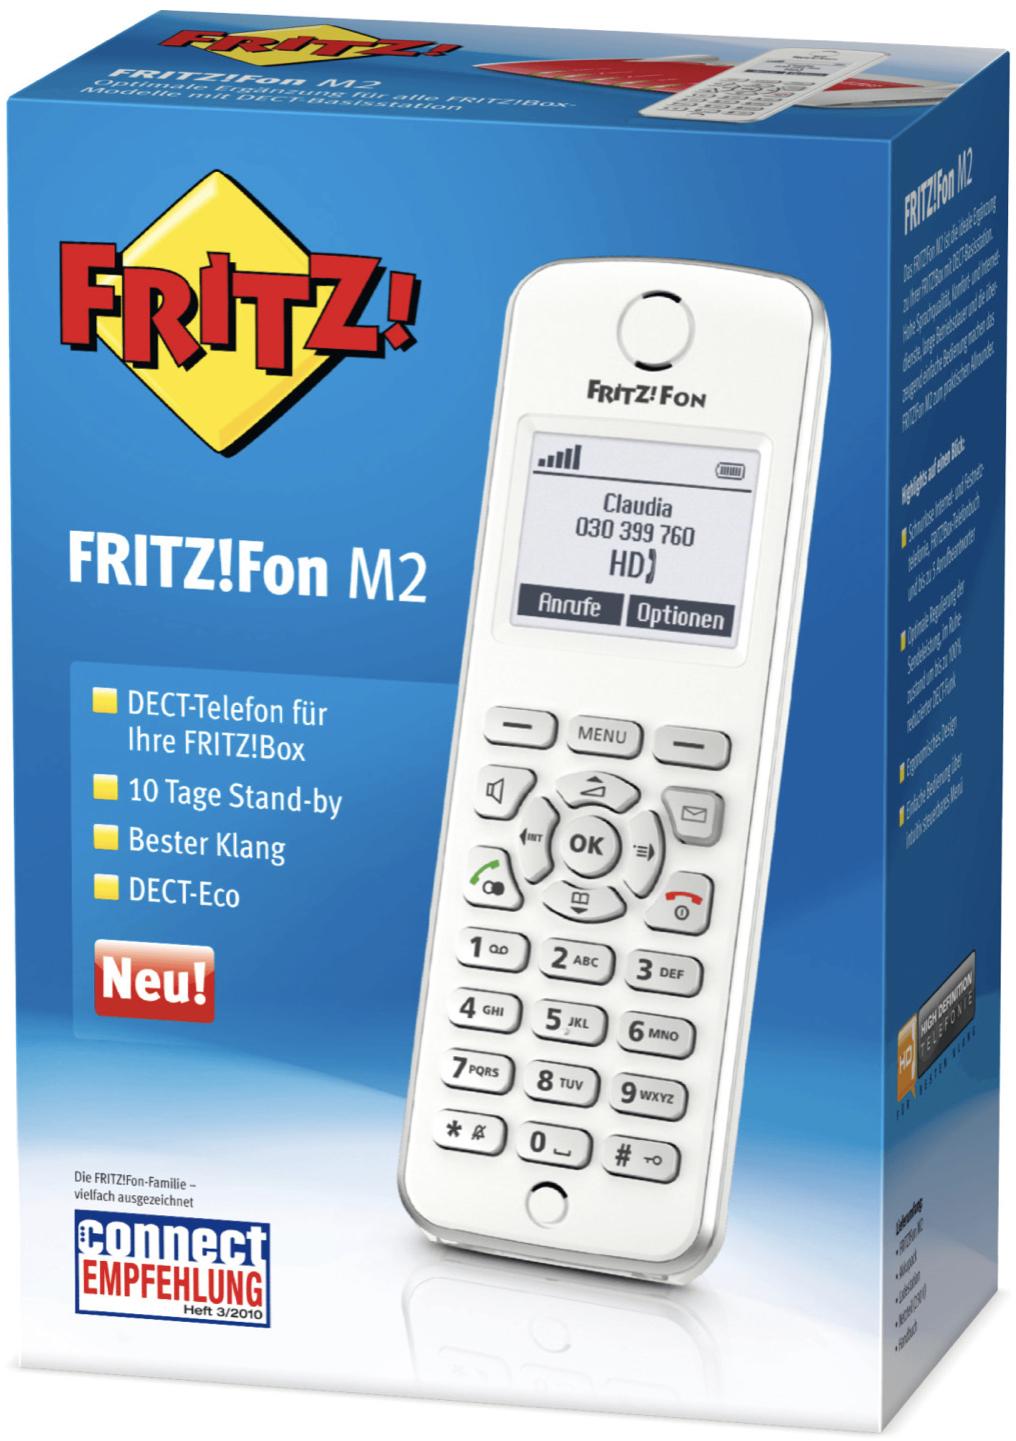 AVM FRITZ!Fon M2 für FRITZ!Box Telefon VoIP Babyphone Freisprechen Beleuchtetes Display Weiß, Silber für 35,44€ inkl. Versandkosten